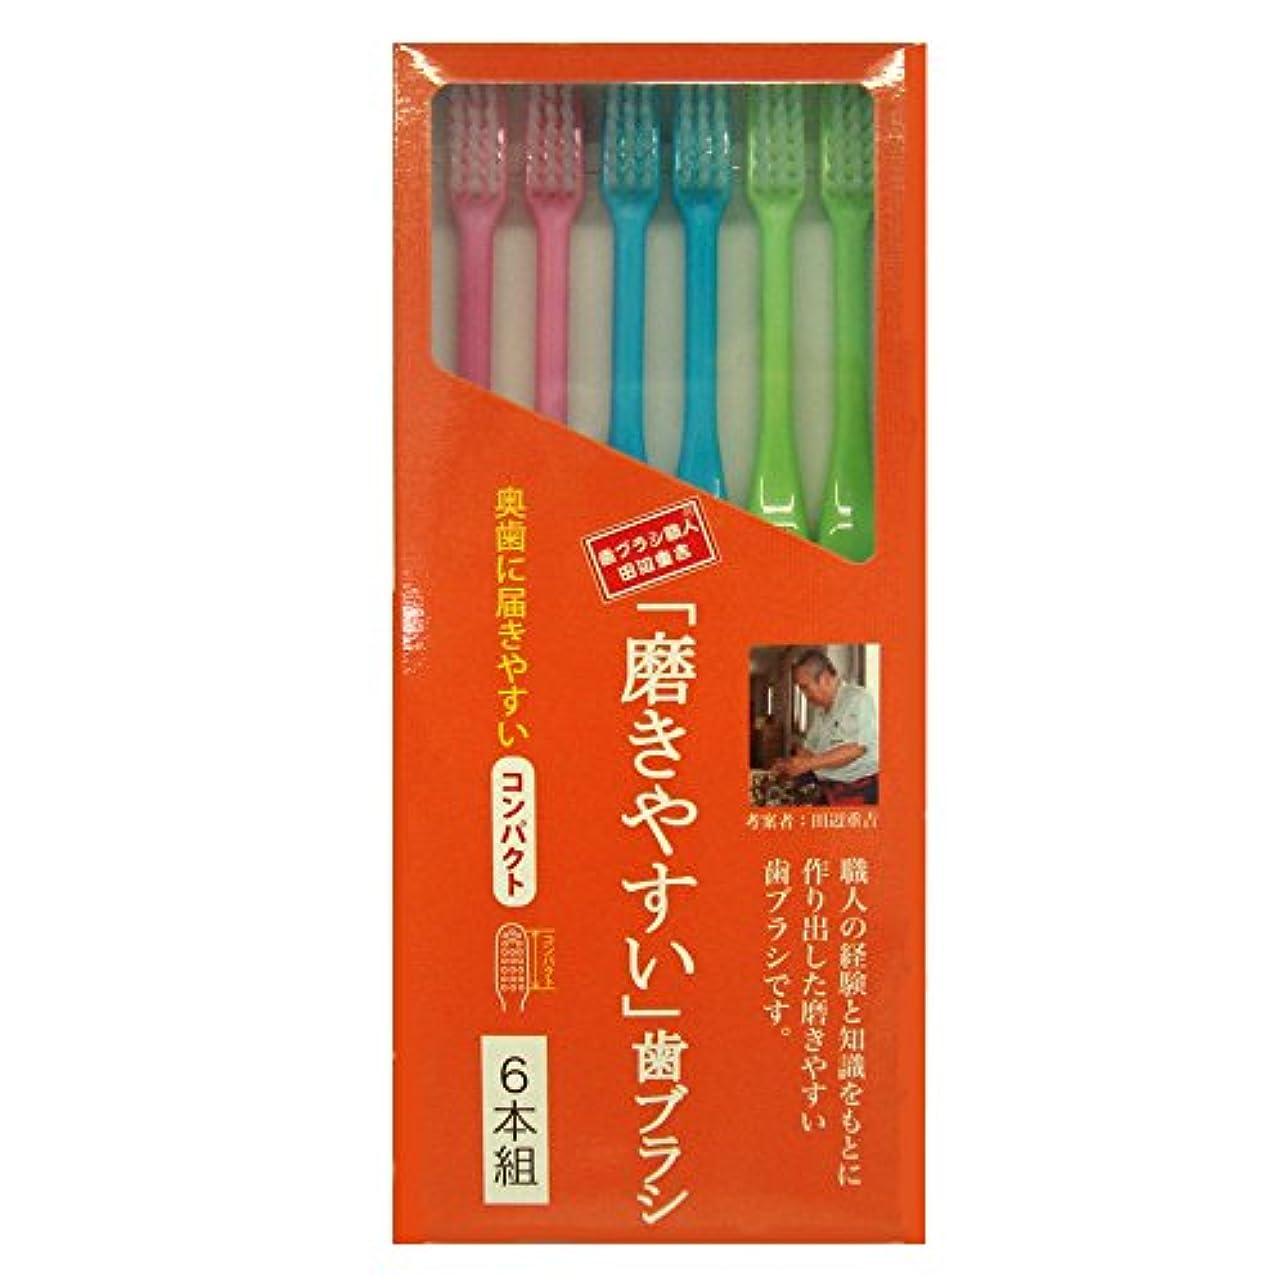 可能にするくそー社交的磨きやすい歯ブラシ 6本組 コンパクトタイプ